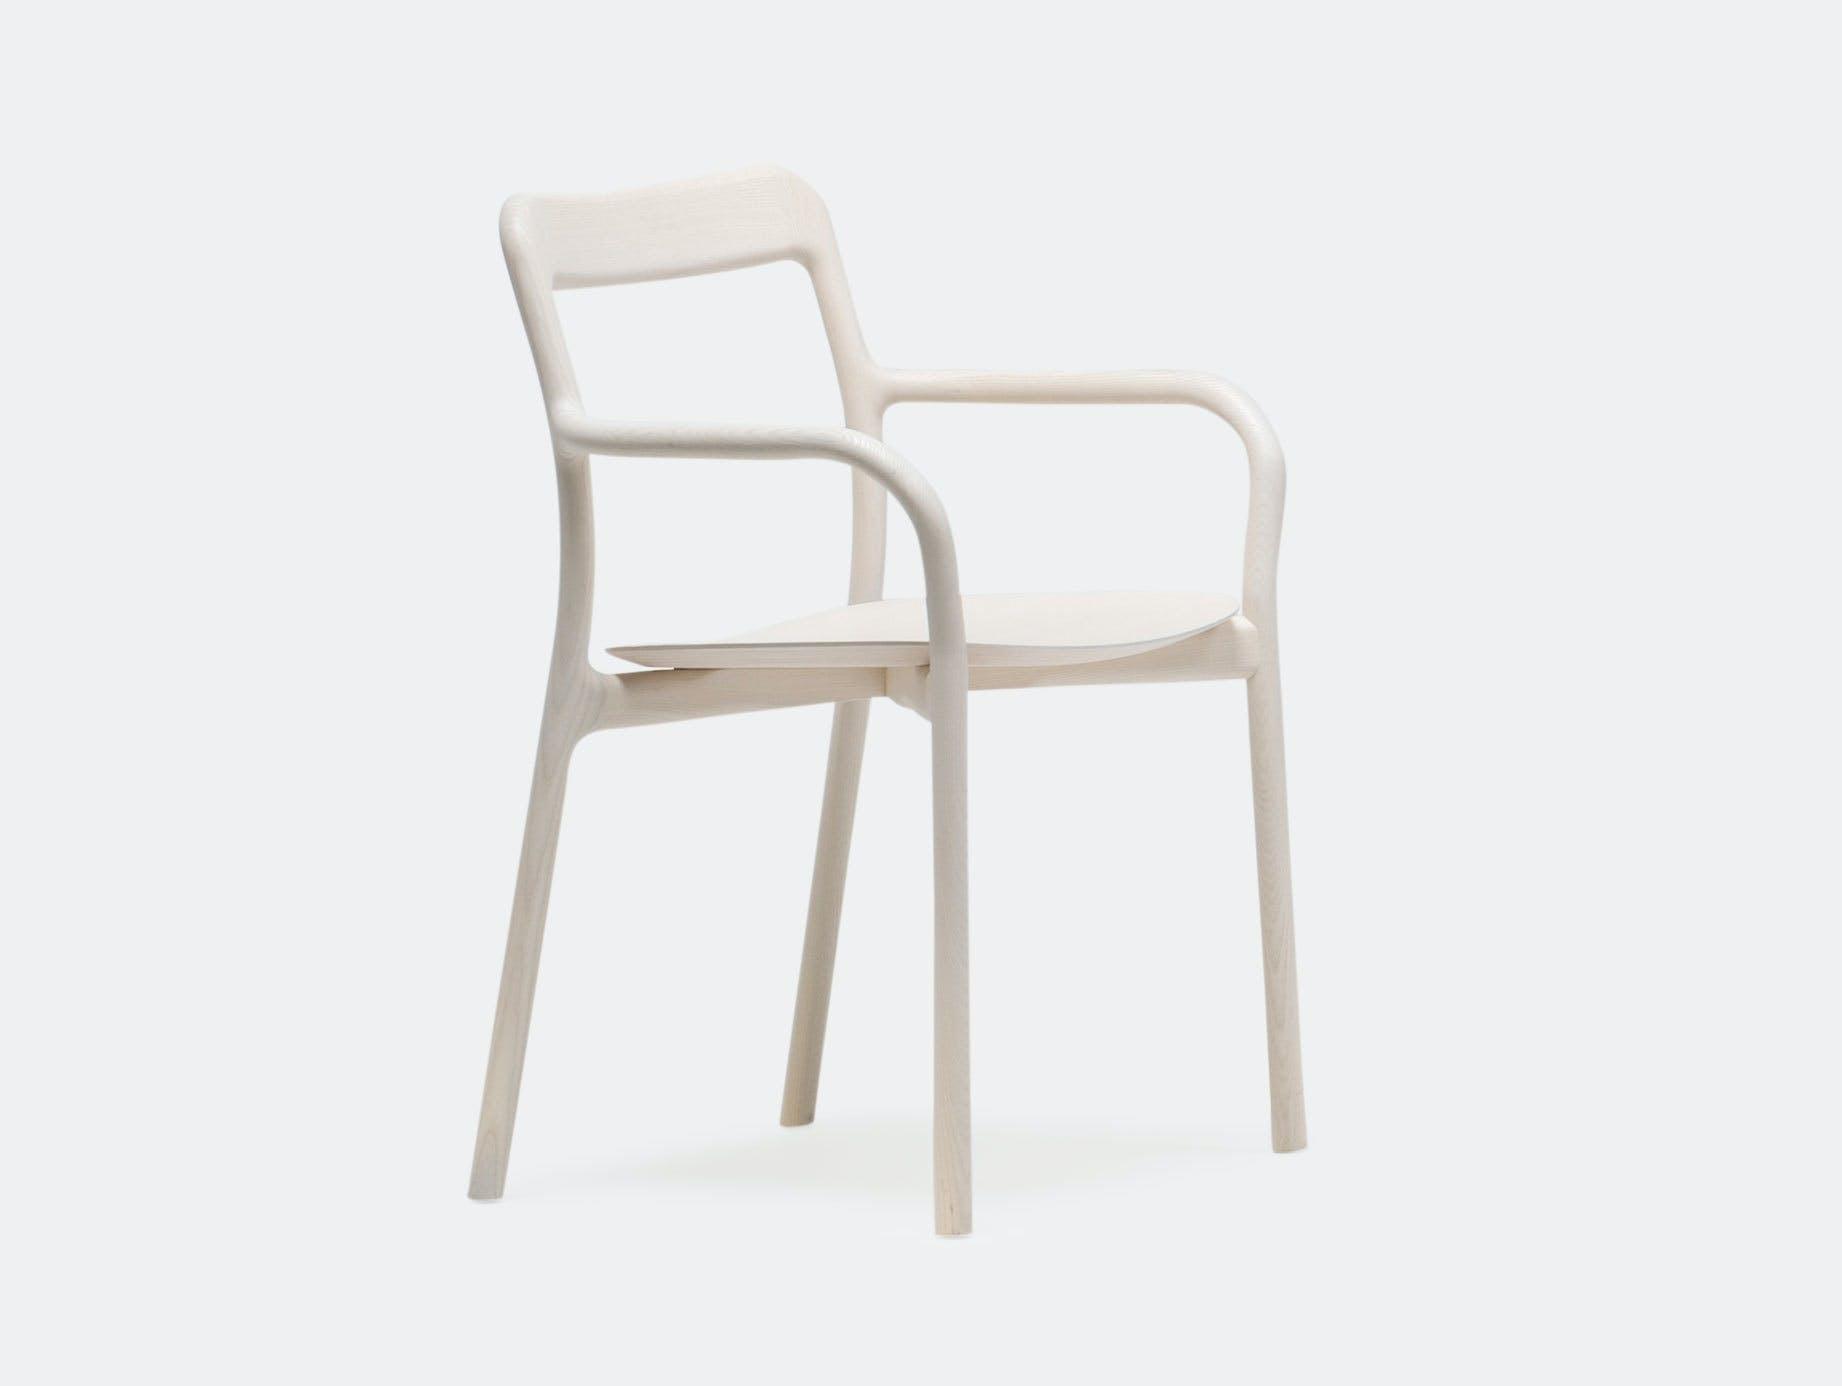 Mattiazzi Branca Chair White Ash Sam Hecht Kim Colin